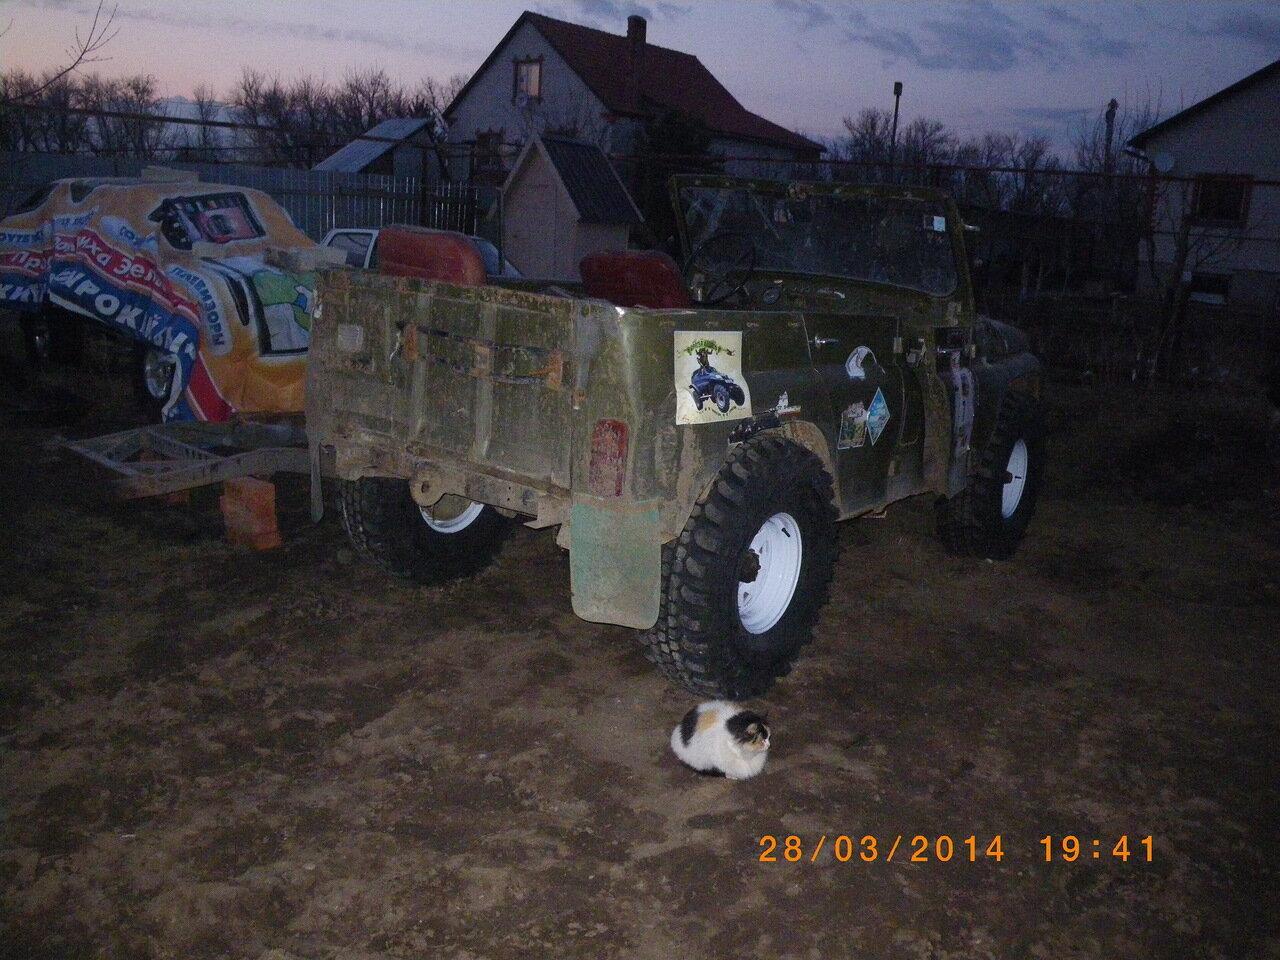 img-fotki.yandex.ru/get/9170/8427629.b2/0_92835_7c626921_XXXL.jpg